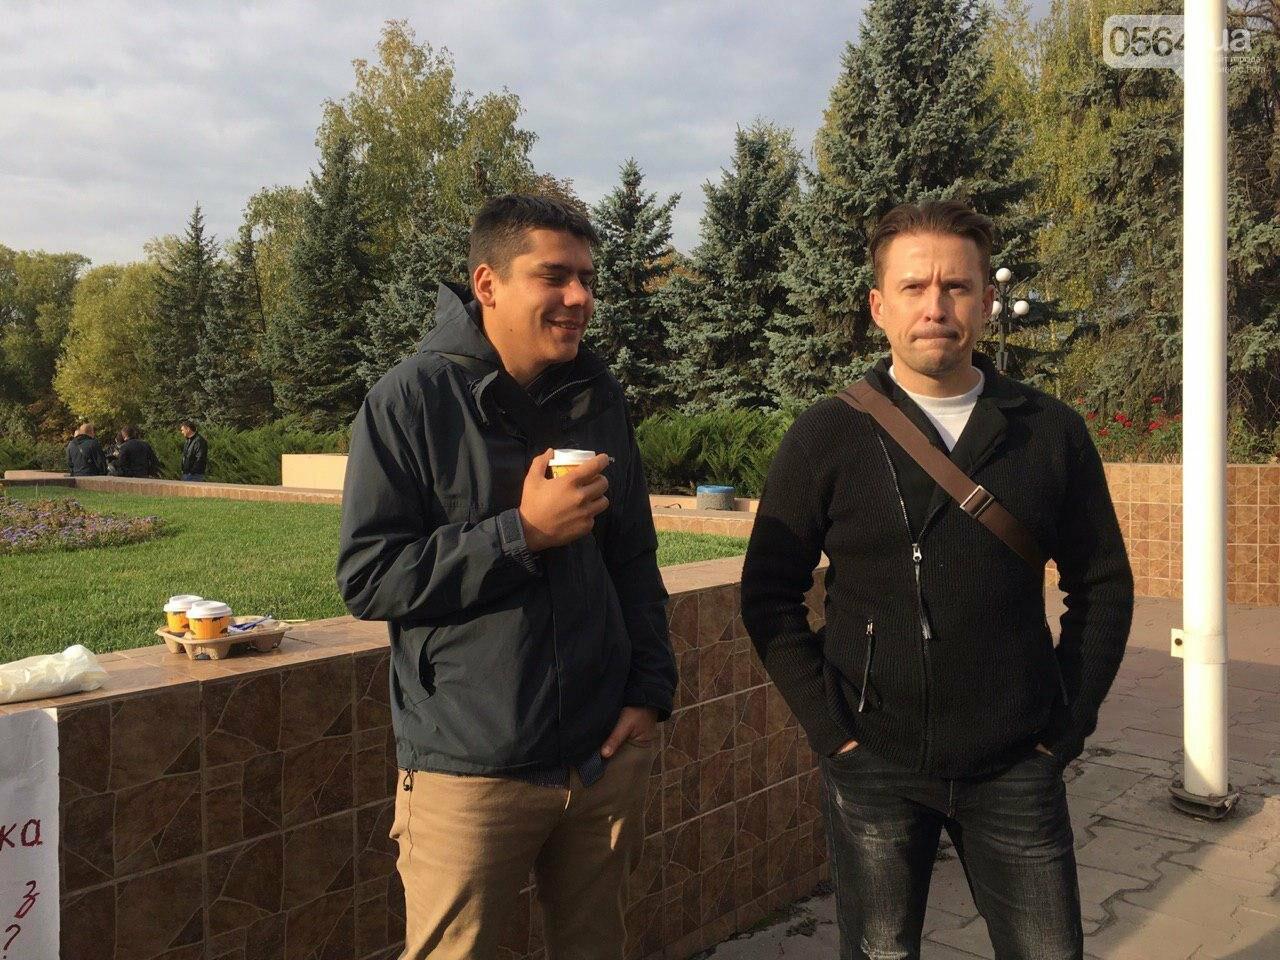 Криворожские активисты вместо Павлова на должность заместителя мэра Кривого Рога предложили Януковича, - ФОТО, ВИДЕО, фото-2